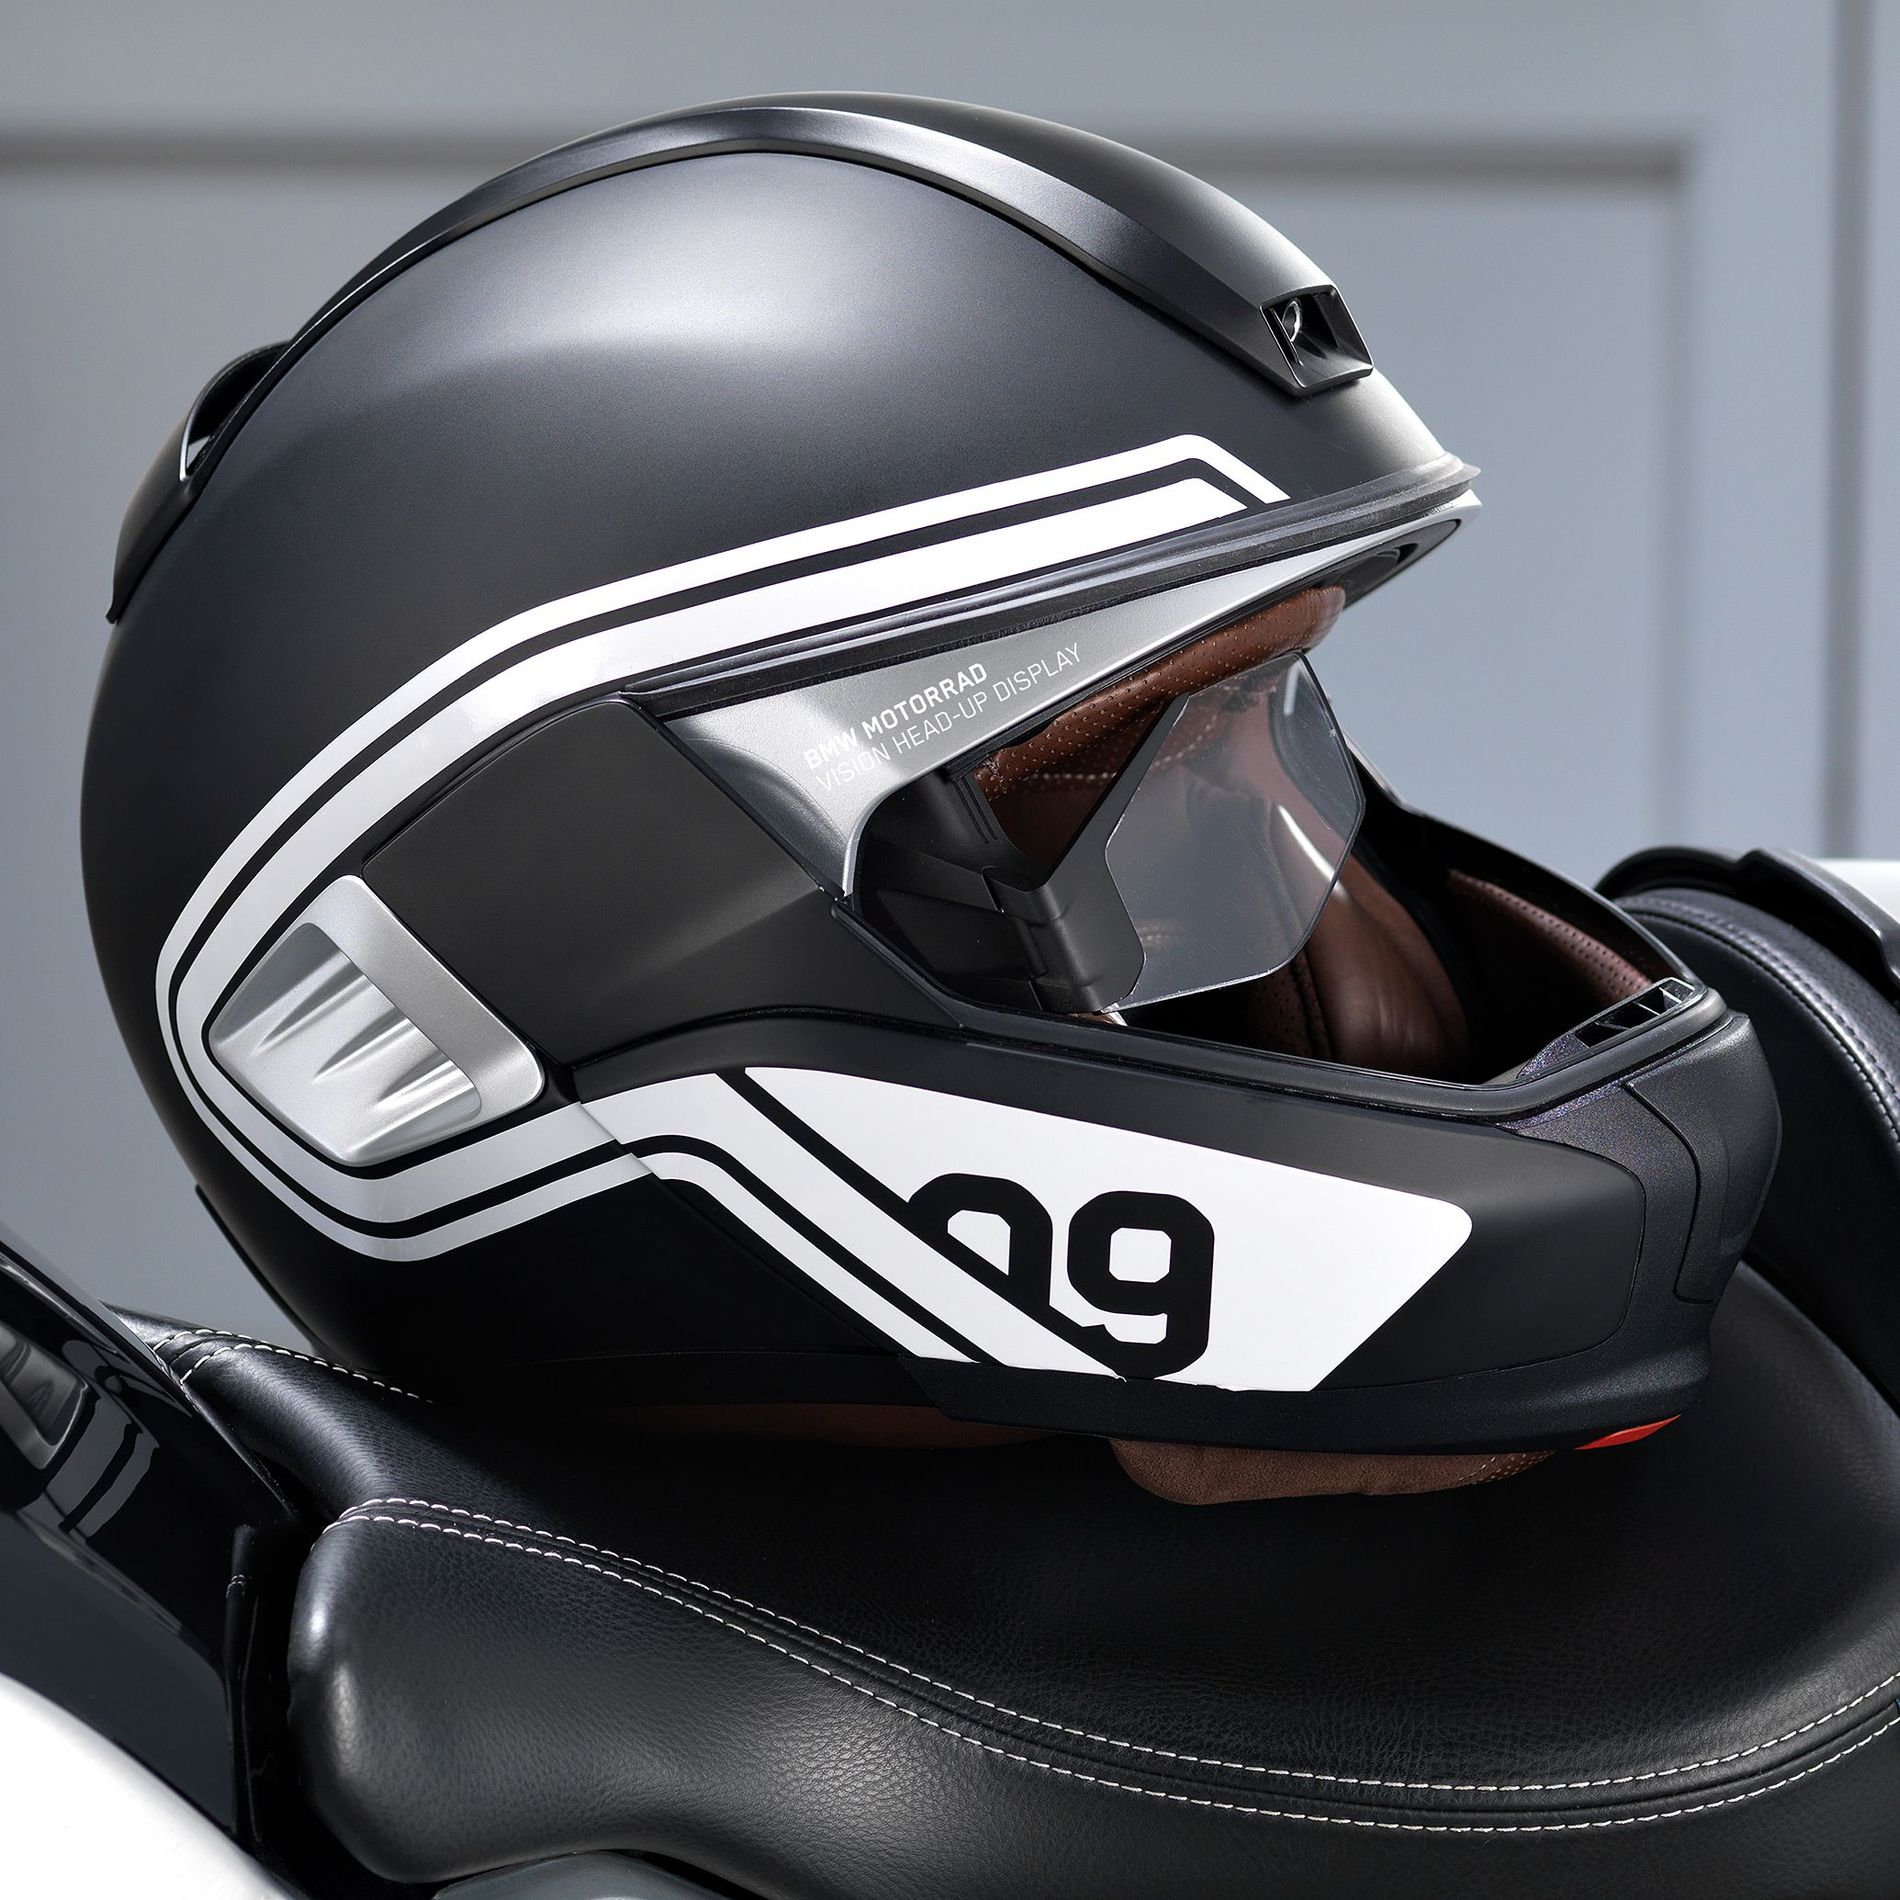 concept bmw helmets moto bmw. Black Bedroom Furniture Sets. Home Design Ideas